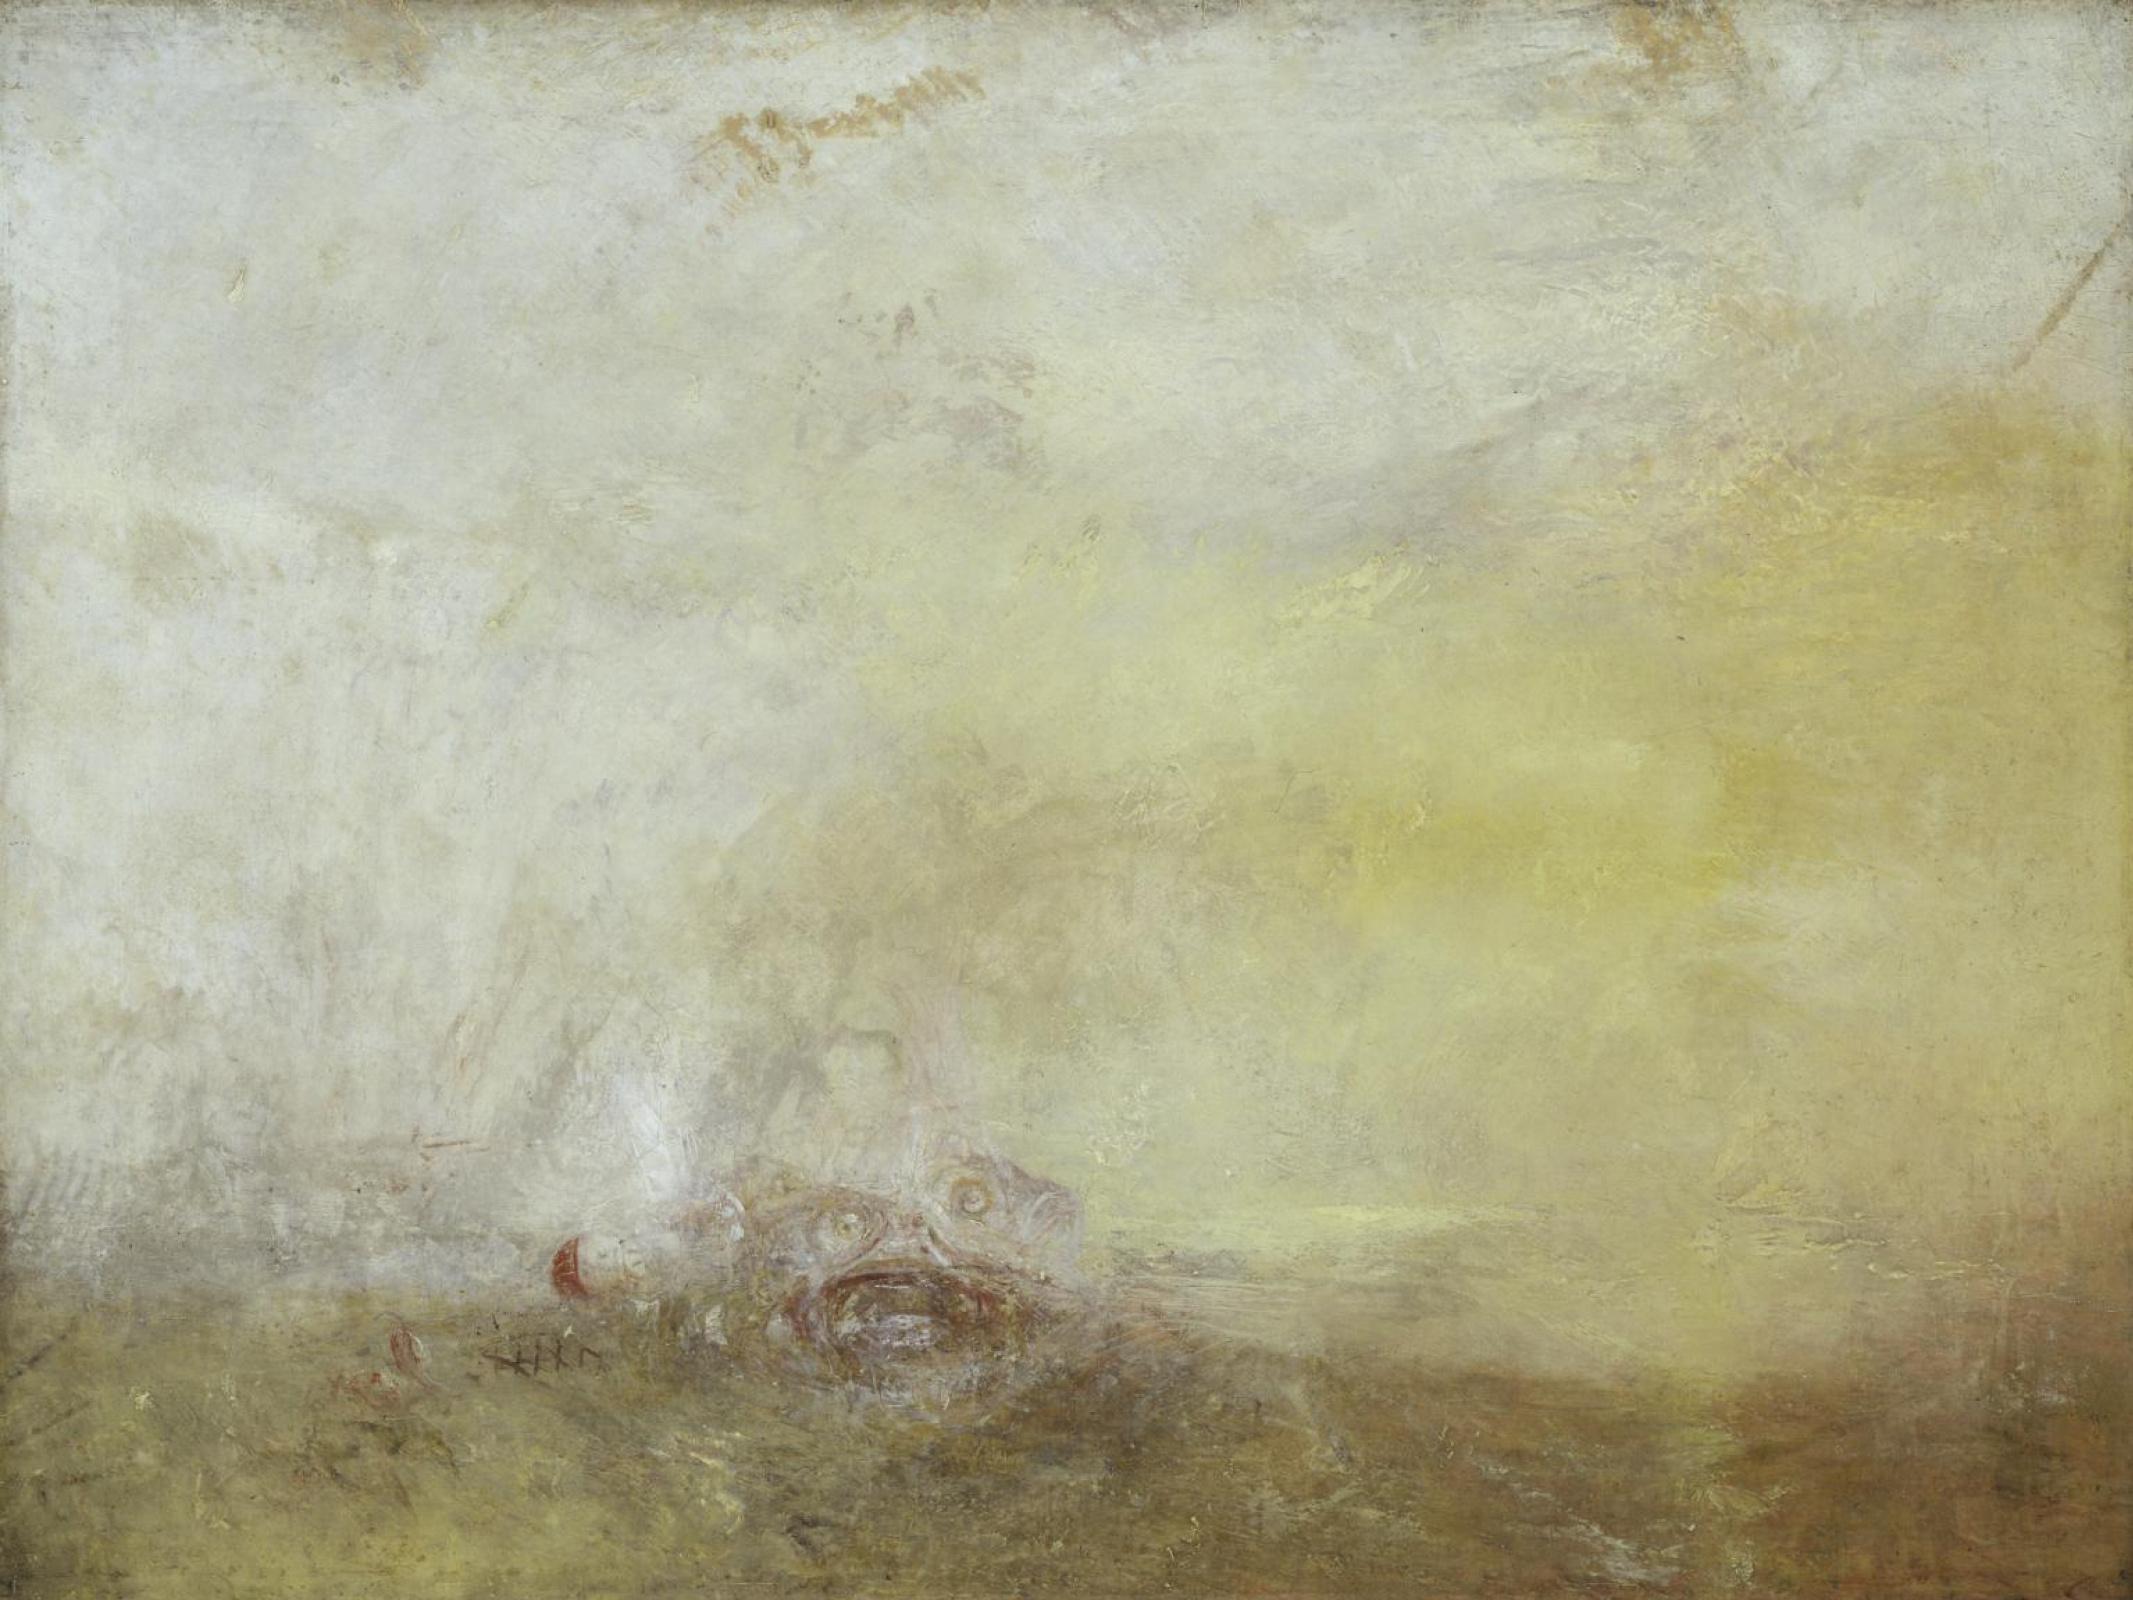 Джозеф Мэллорд Уильям Тёрнер. Восход солнца с морскими чудовищами